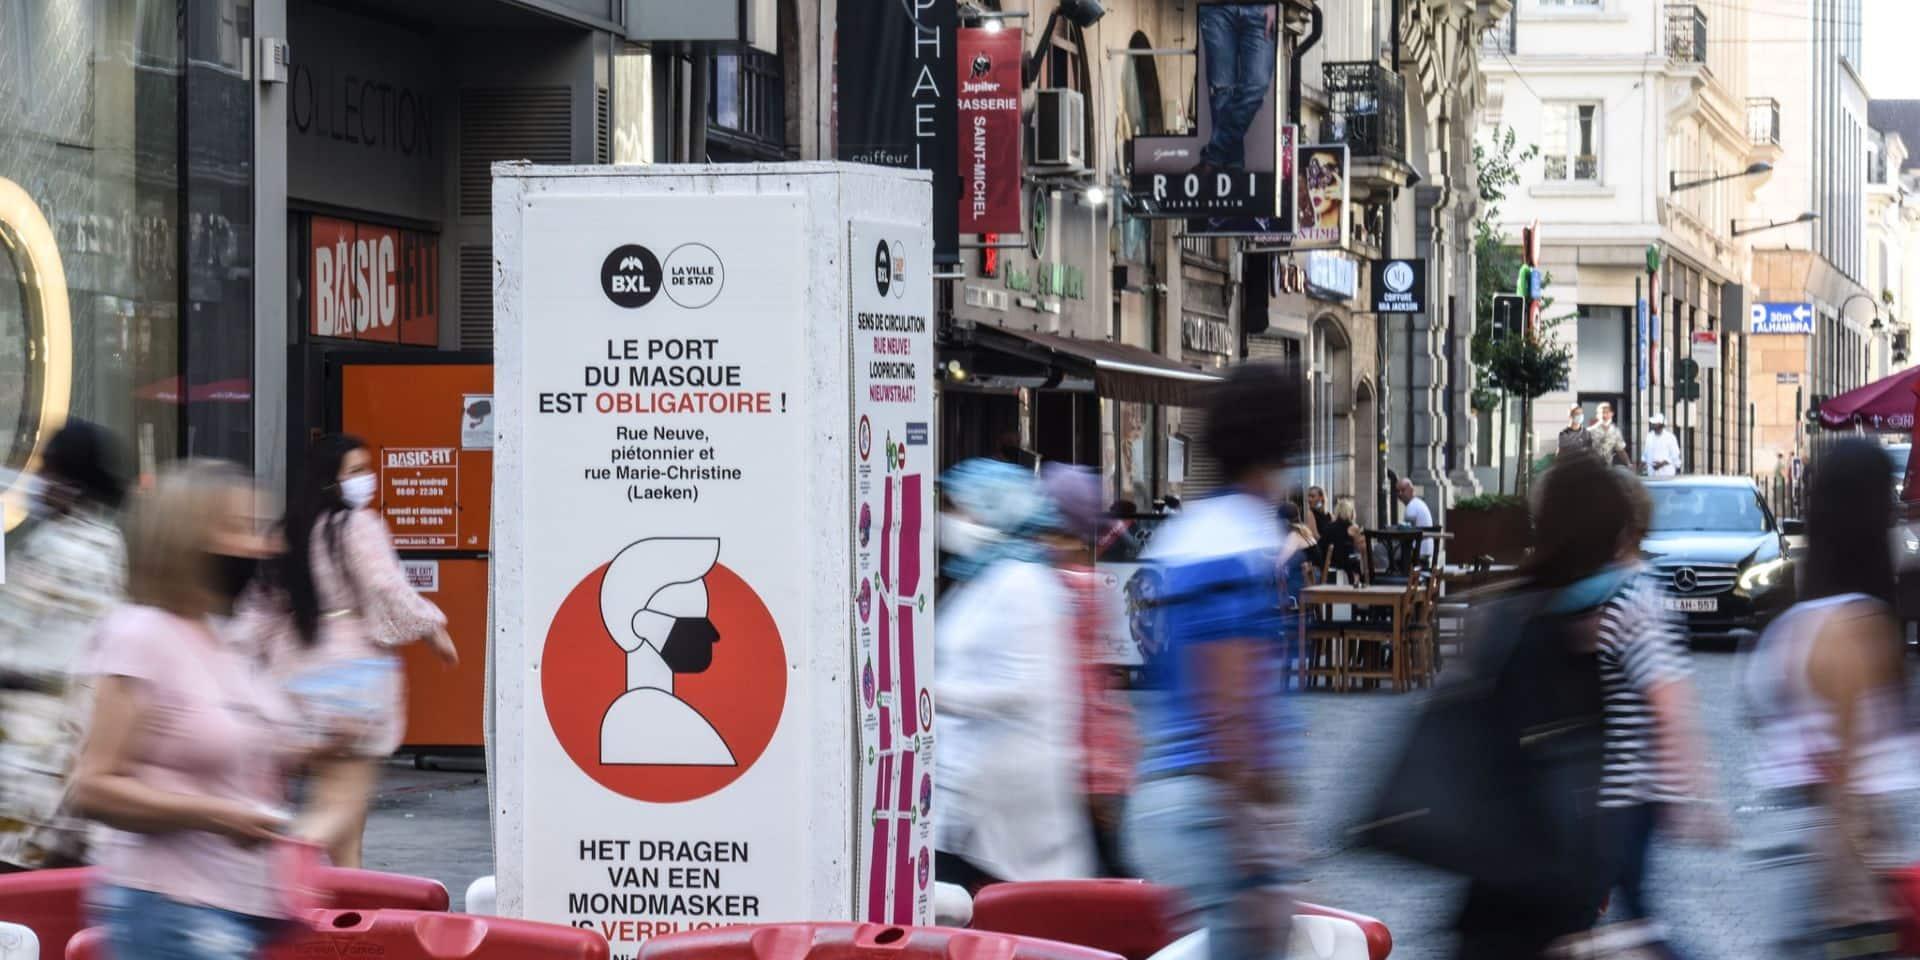 Horeca, école, travail : où attrape-t-on le coronavirus en Belgique ?